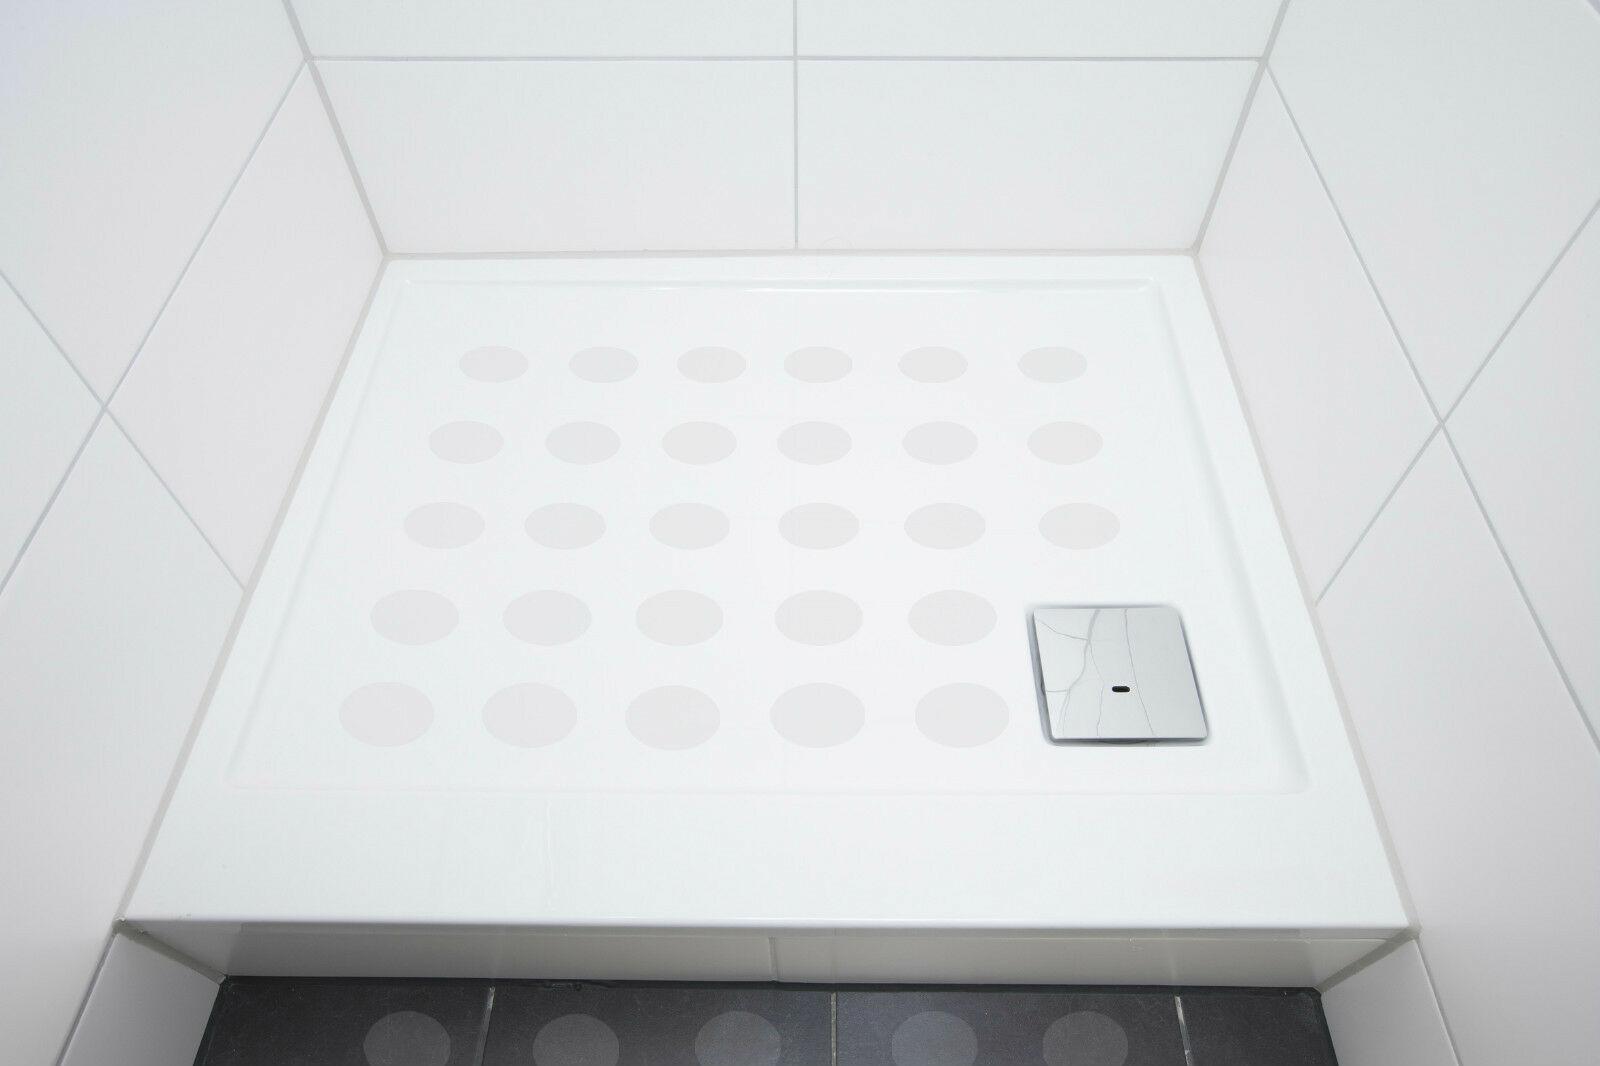 Full Size of 593fe26c0221b Glasabtrennung Dusche Nischentür Moderne Duschen Kaufen Badewanne Mit Bodengleiche Fliesen Für Unterputz Glastür Haltegriff Bidet Breuer Dusche Antirutschmatte Dusche